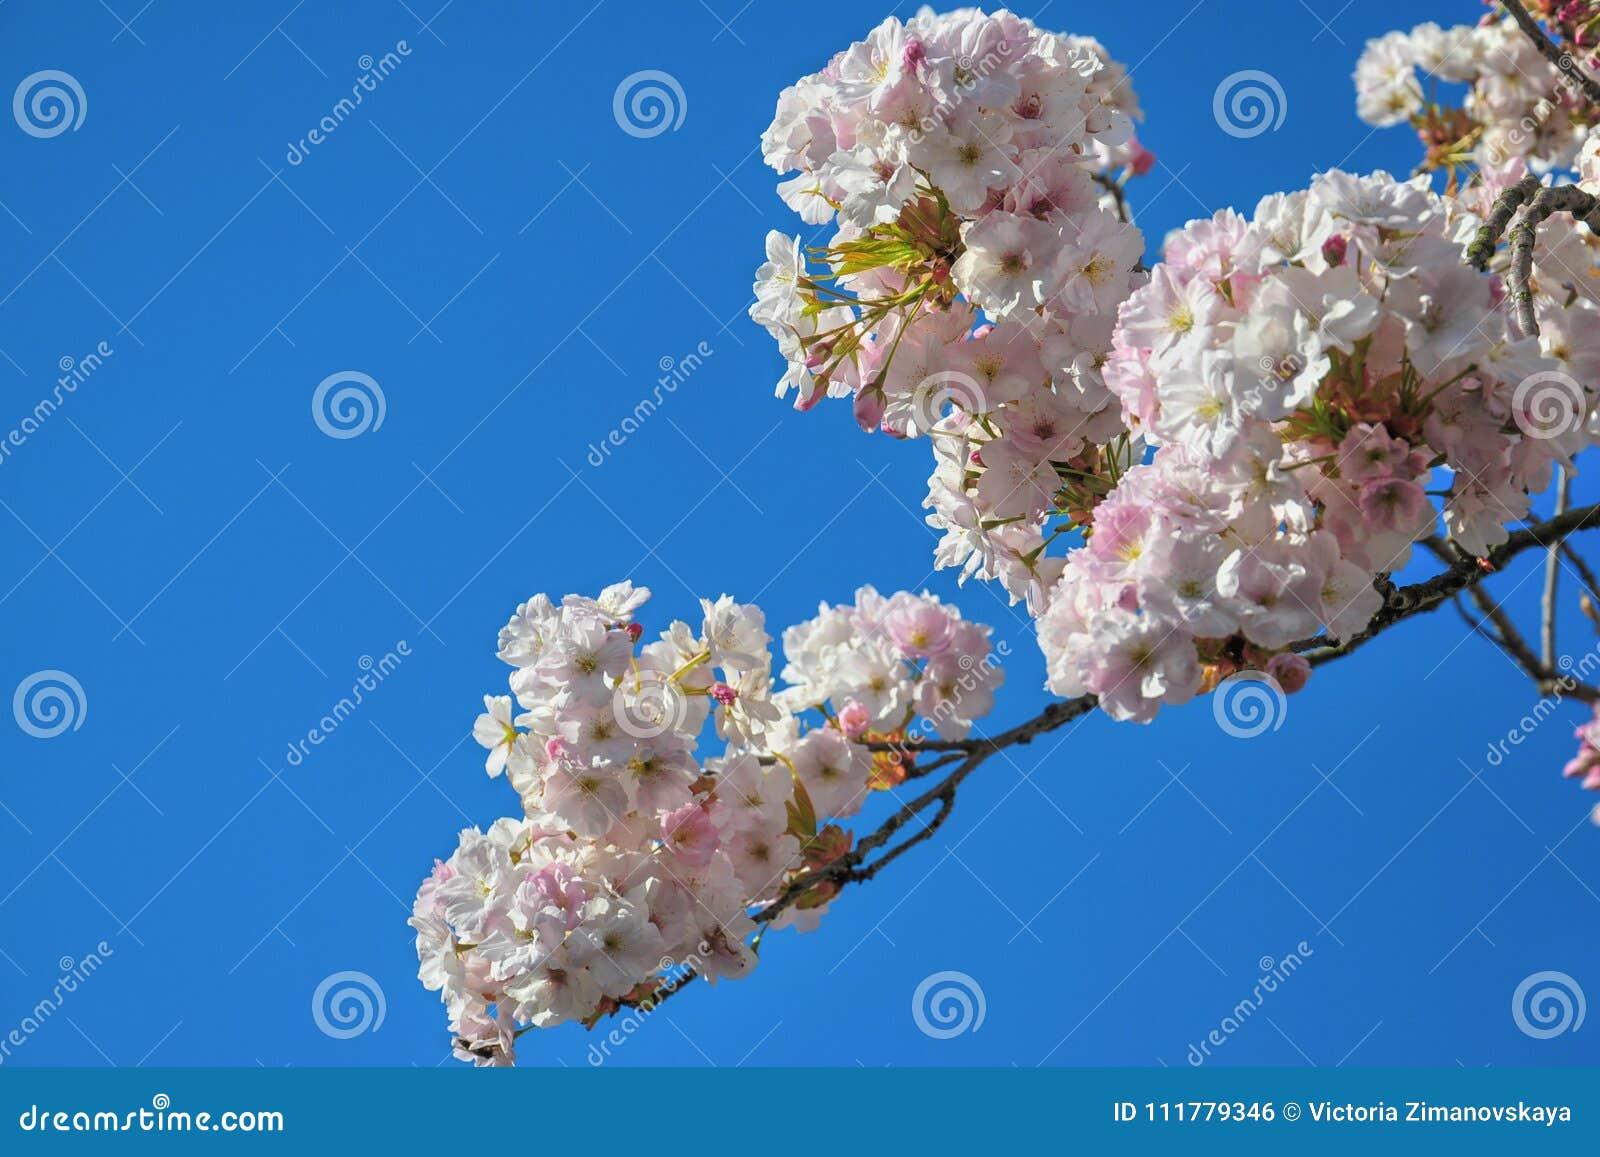 Blüte von rosa Kirschblüte blüht auf einer Frühlingskirschbaumniederlassung Makronaher hoher Schuss